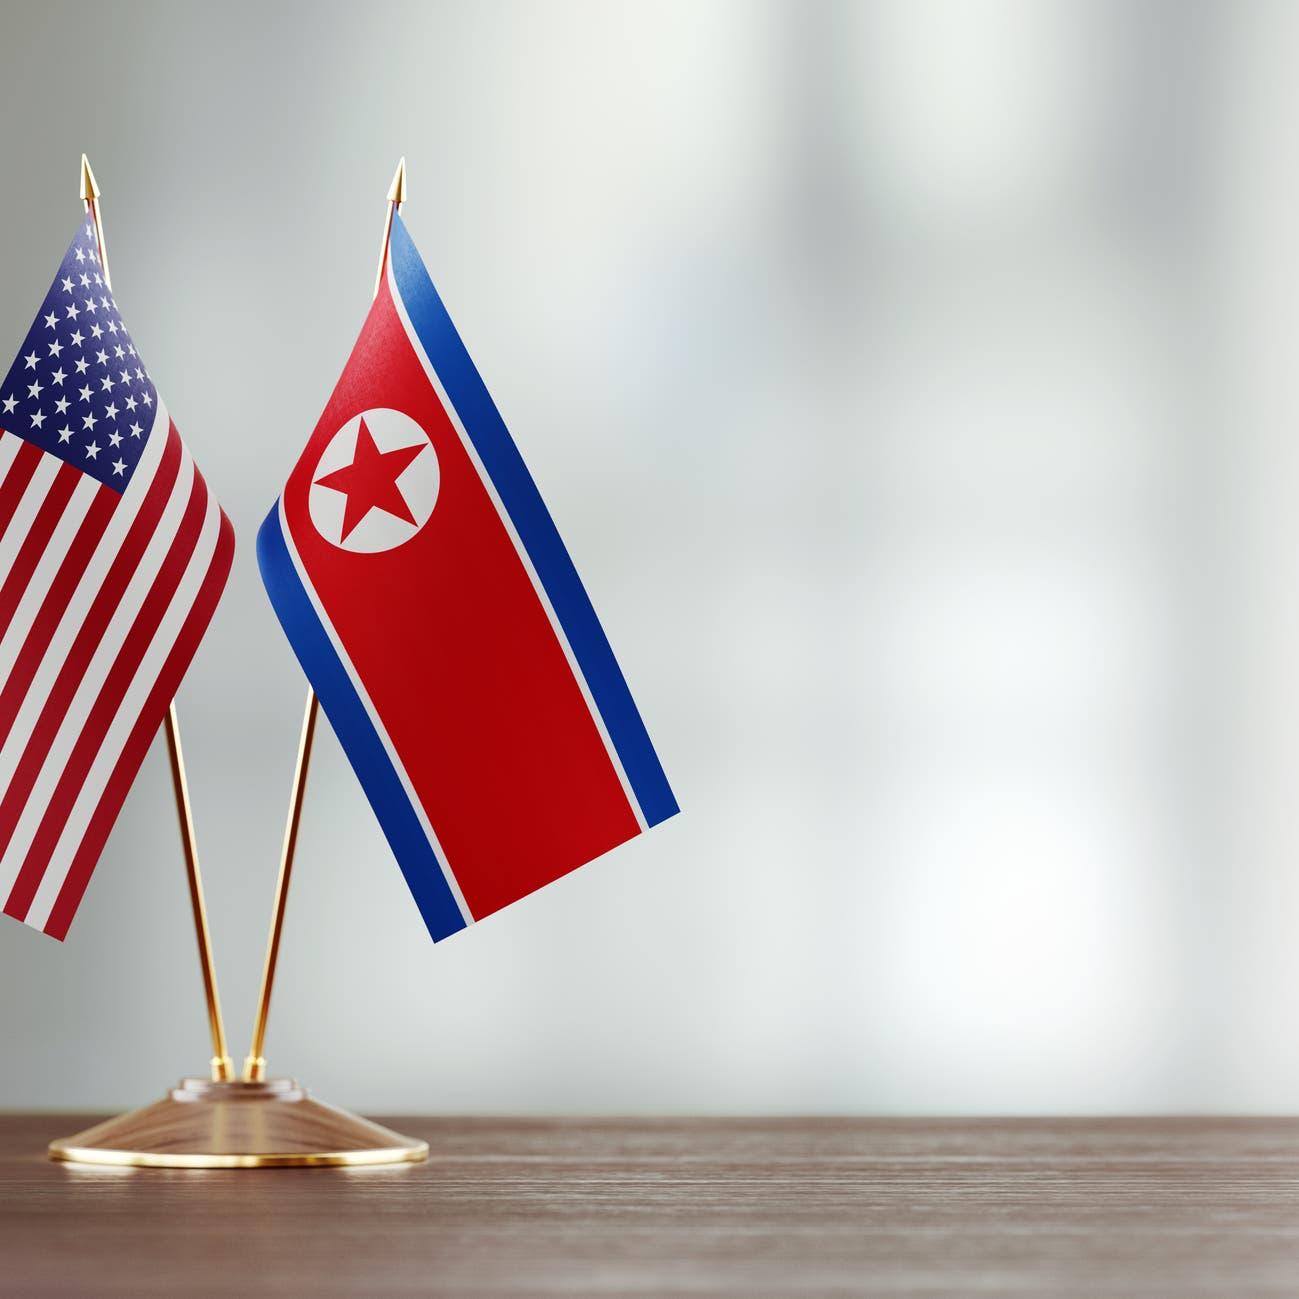 واشنطن: لا شروط لاستئناف المحادثات مع كوريا الشمالية